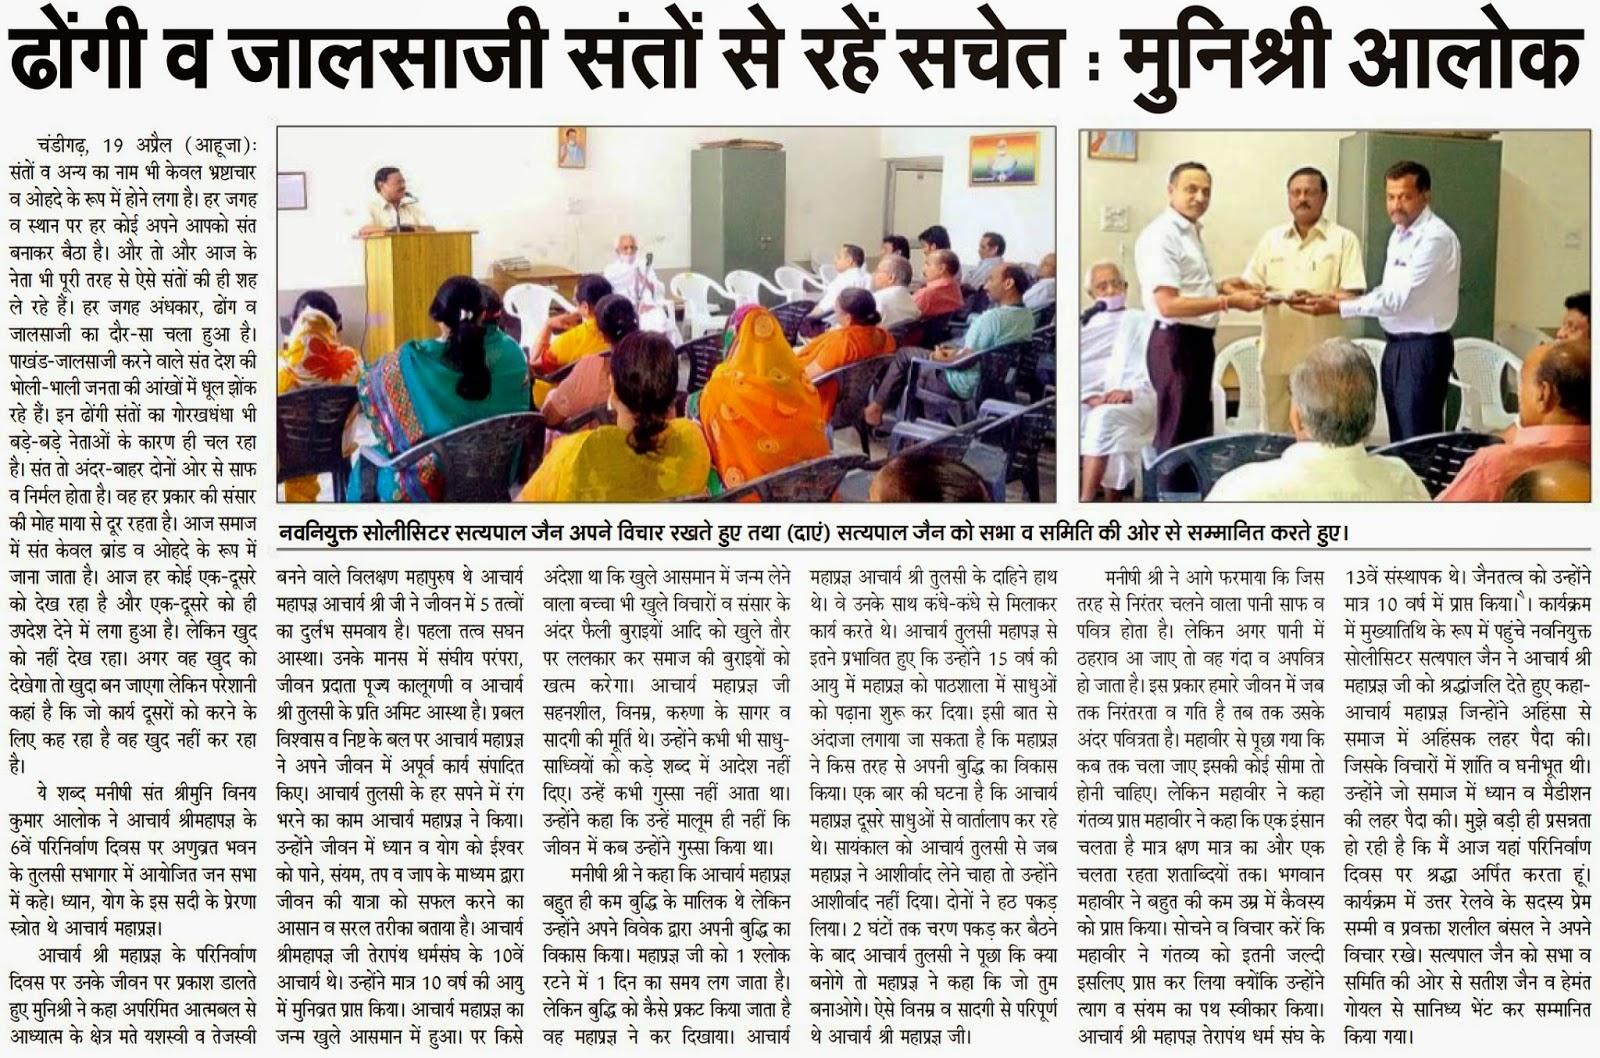 नवनियुक्त सॉलिसिटर जनरल ऑफ़ इंडिया सत्य पाल जैन अपने विचार रखते हुए । सत्य पाल जैन को सभा व समिति की और से सम्मानित करते हुए